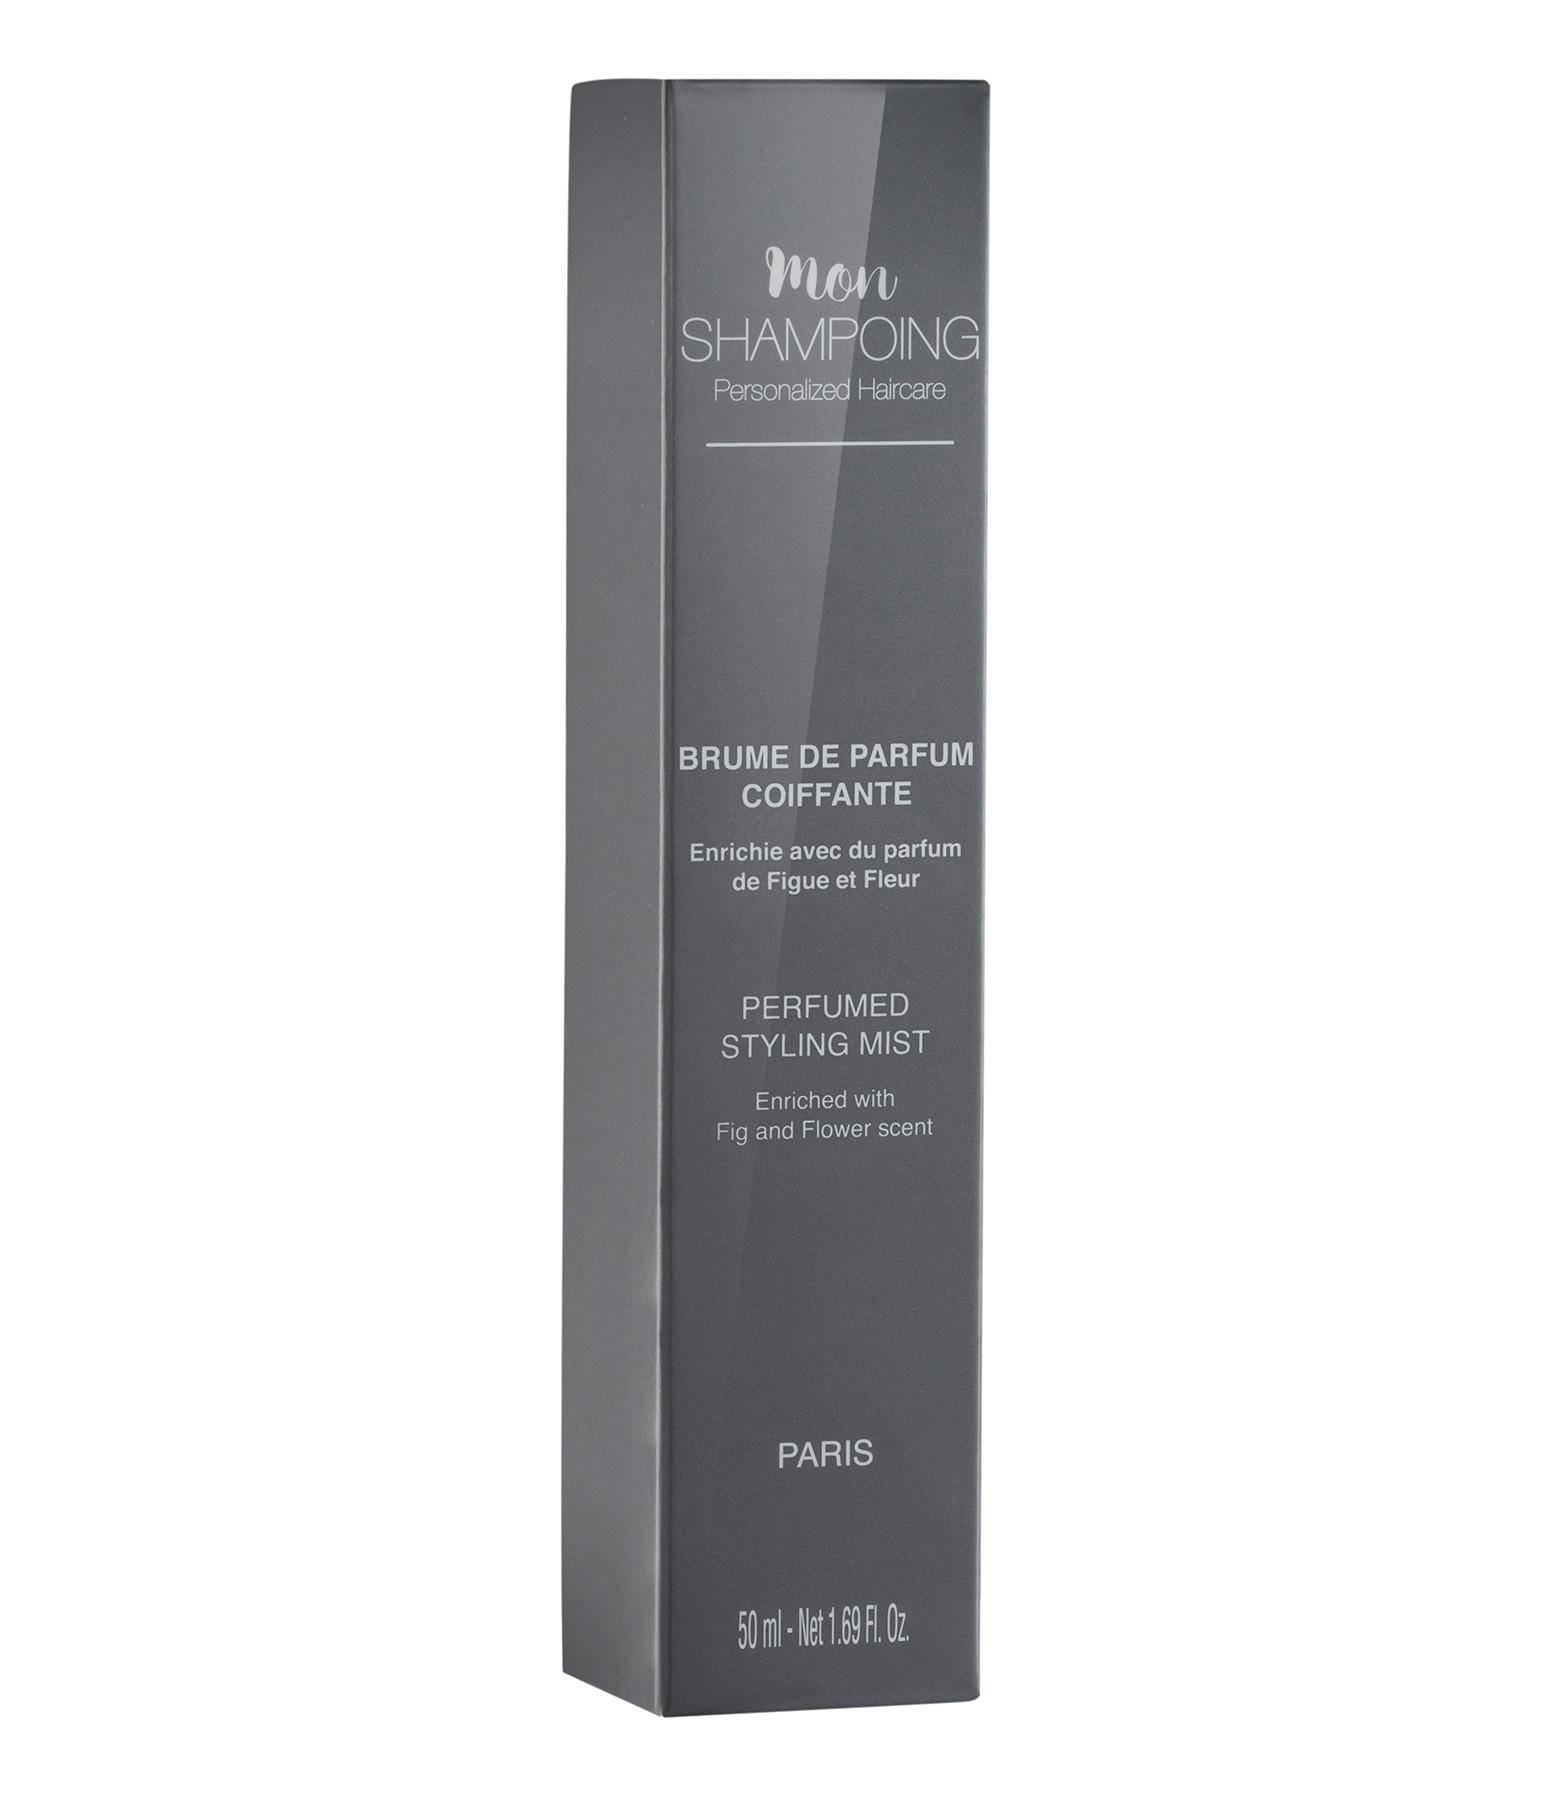 MON SHAMPOING - Brume de Parfum Coiffante Figue et Fleur 50 ml